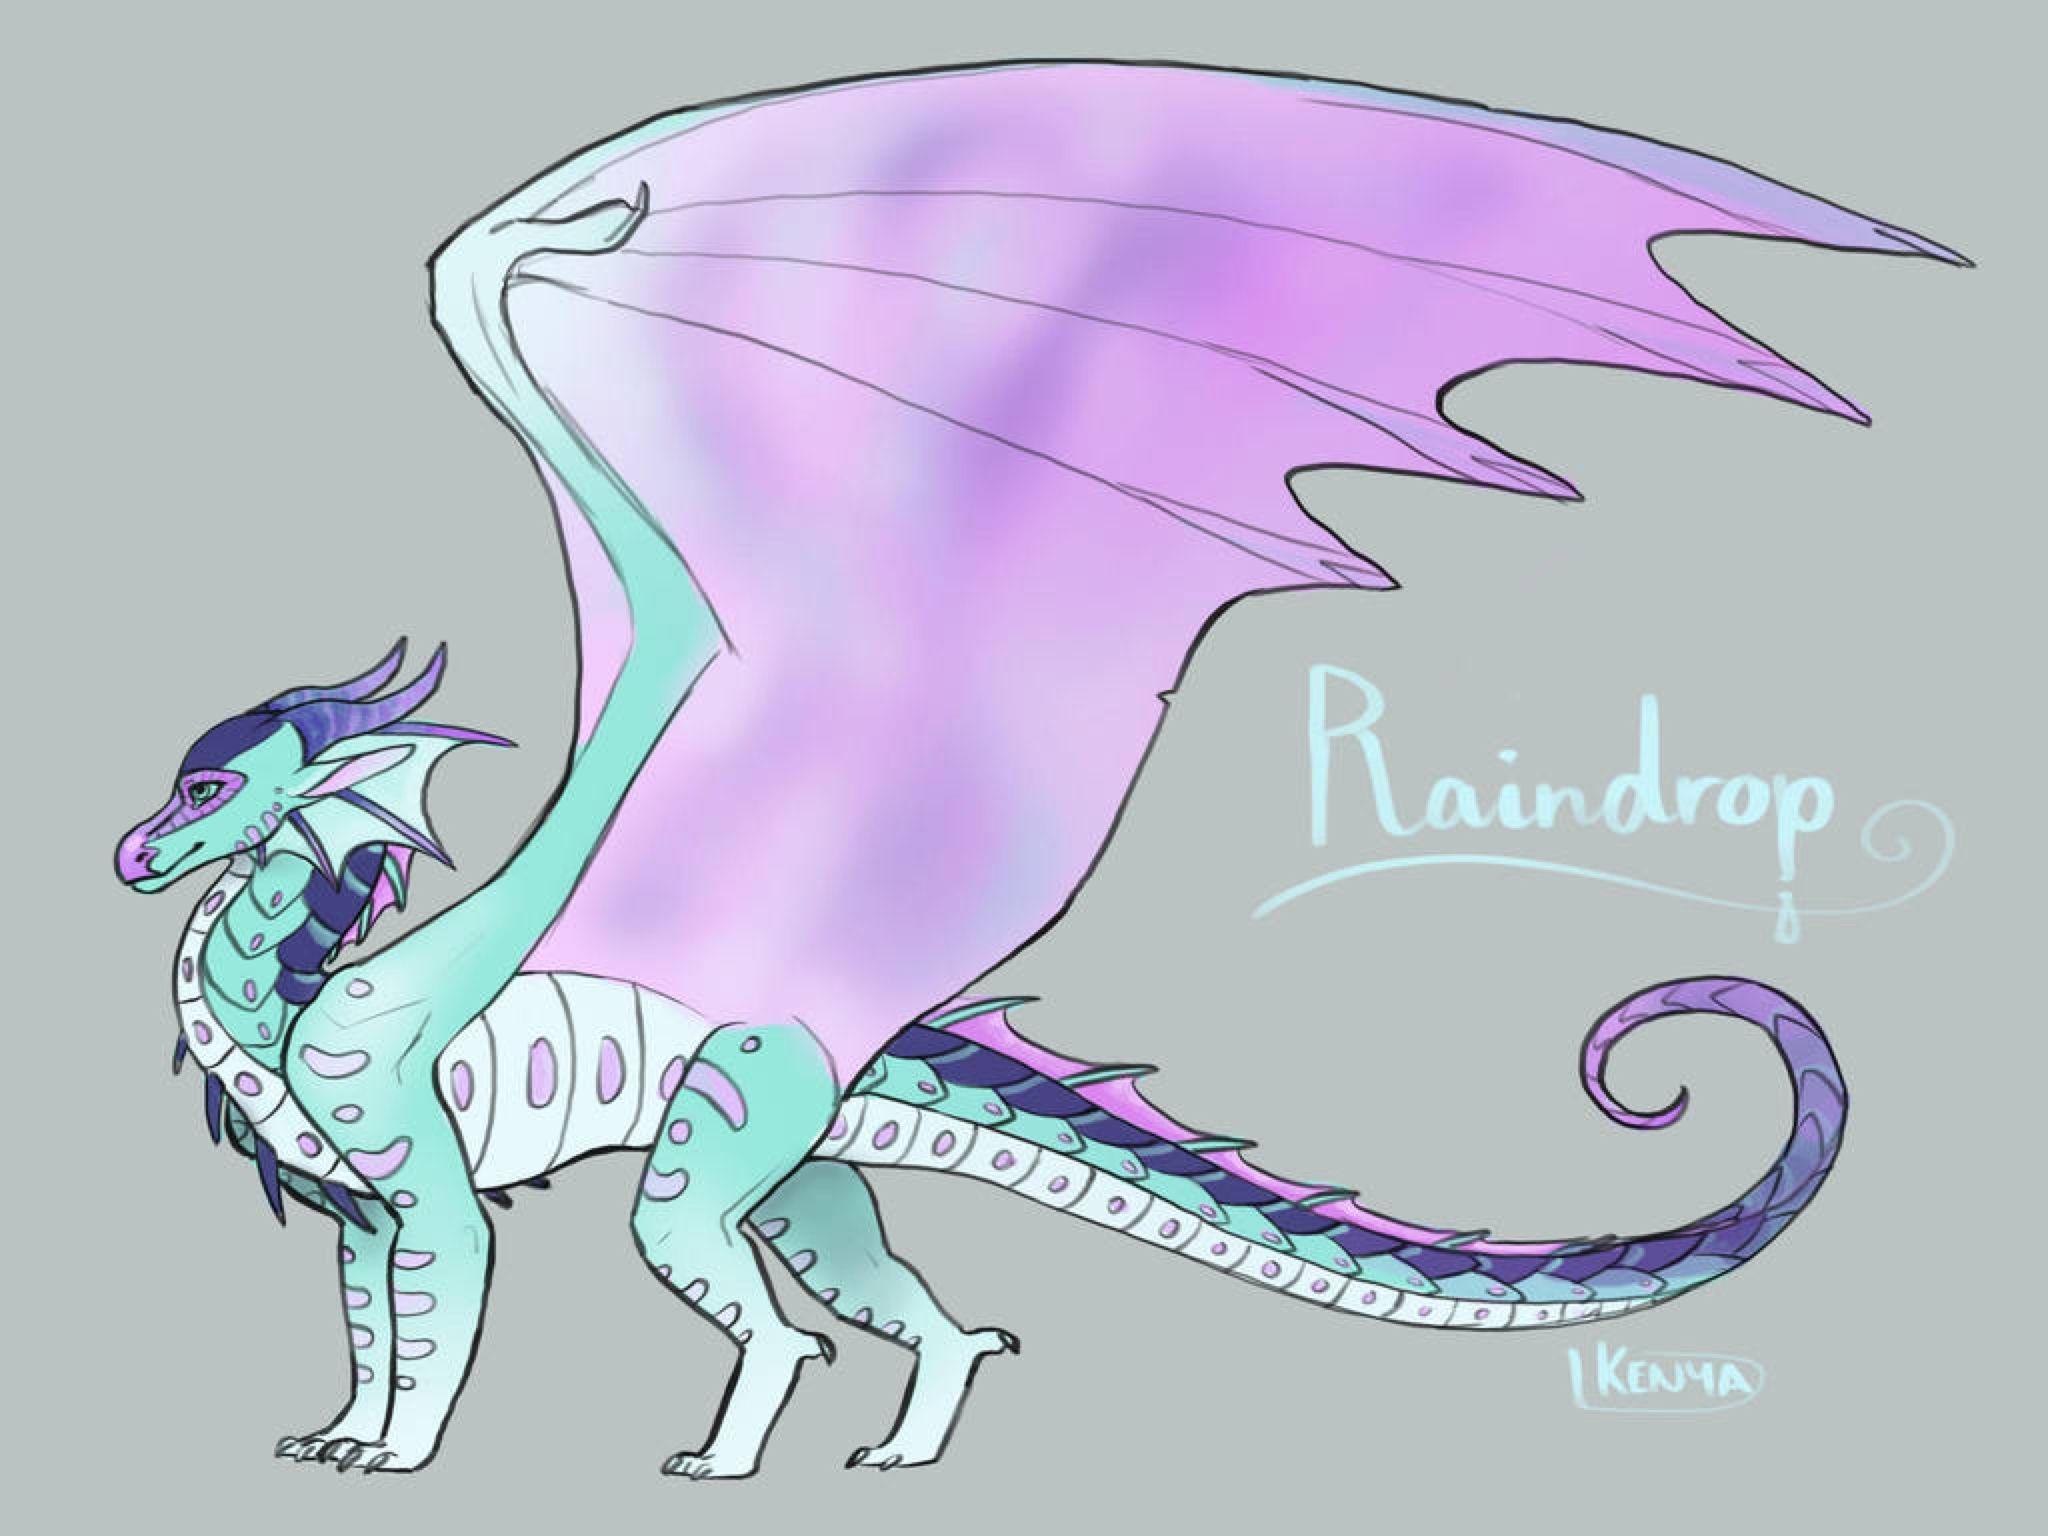 Raindrop By Kenyajoy On Deviantart In 2020 Wings Of Fire Wings Of Fire Dragons Fire Art